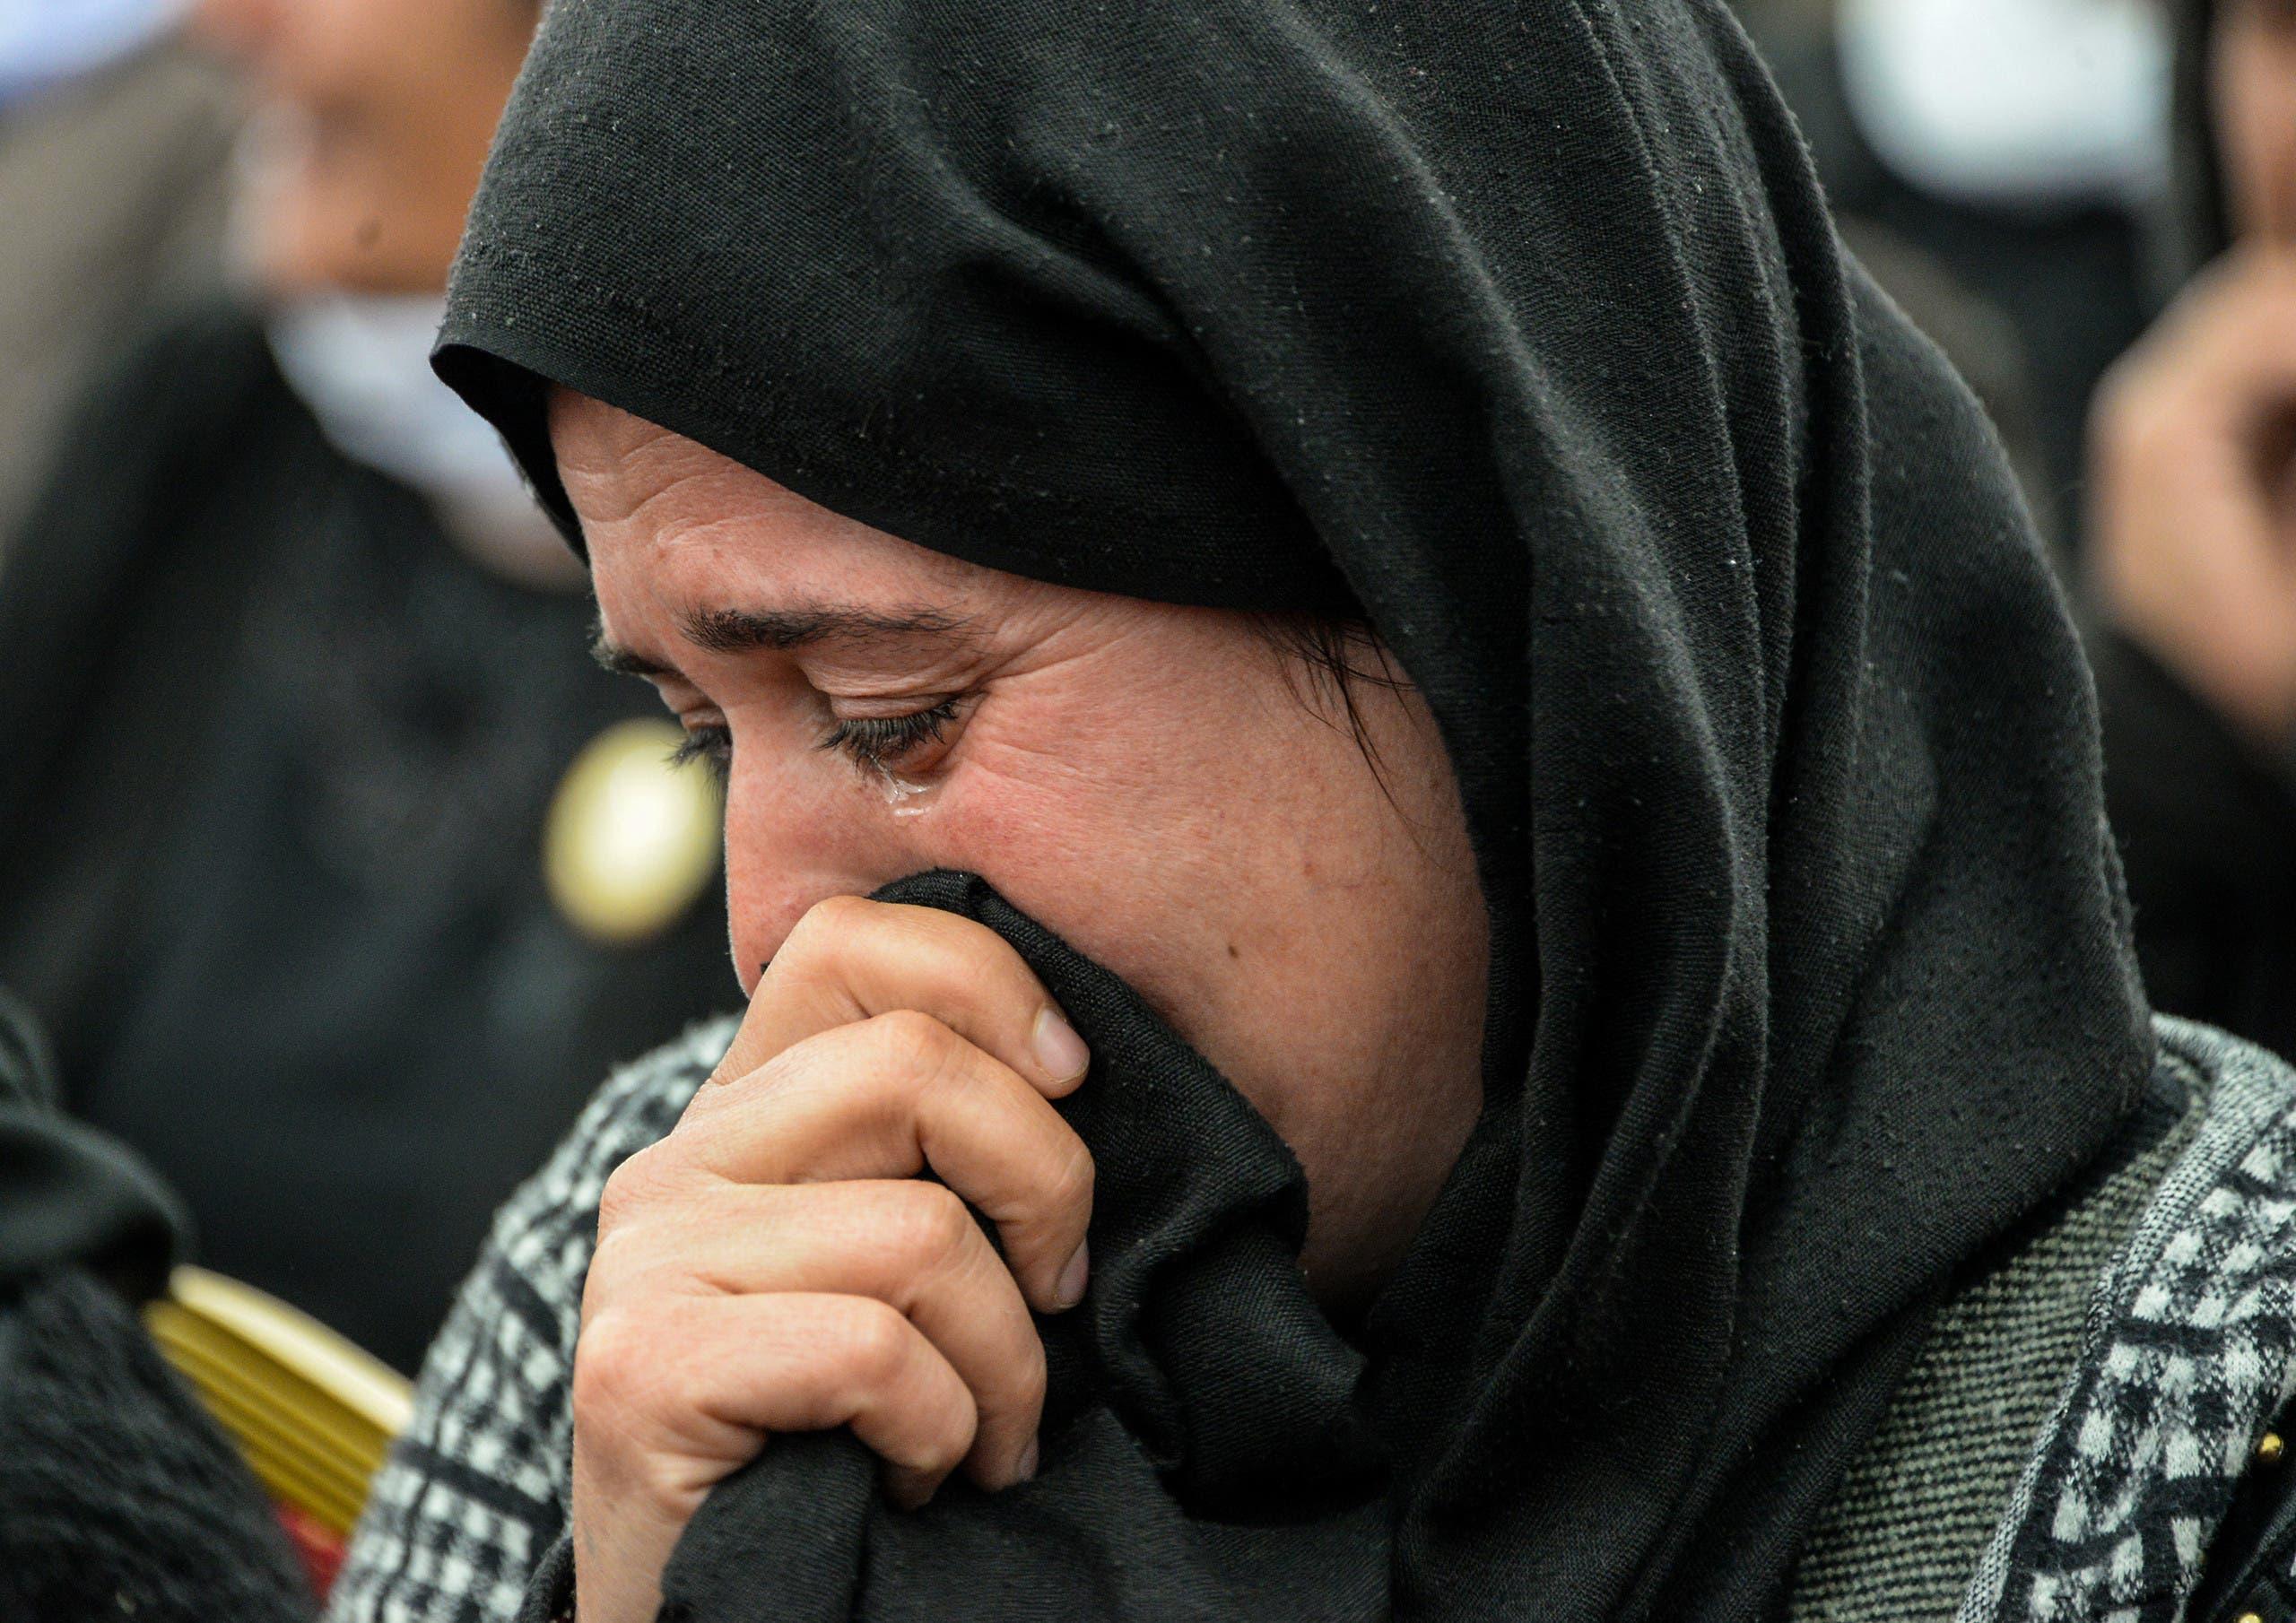 أيزيدية في سنجار يوم 15 مارس 2019 (أرشيفية)